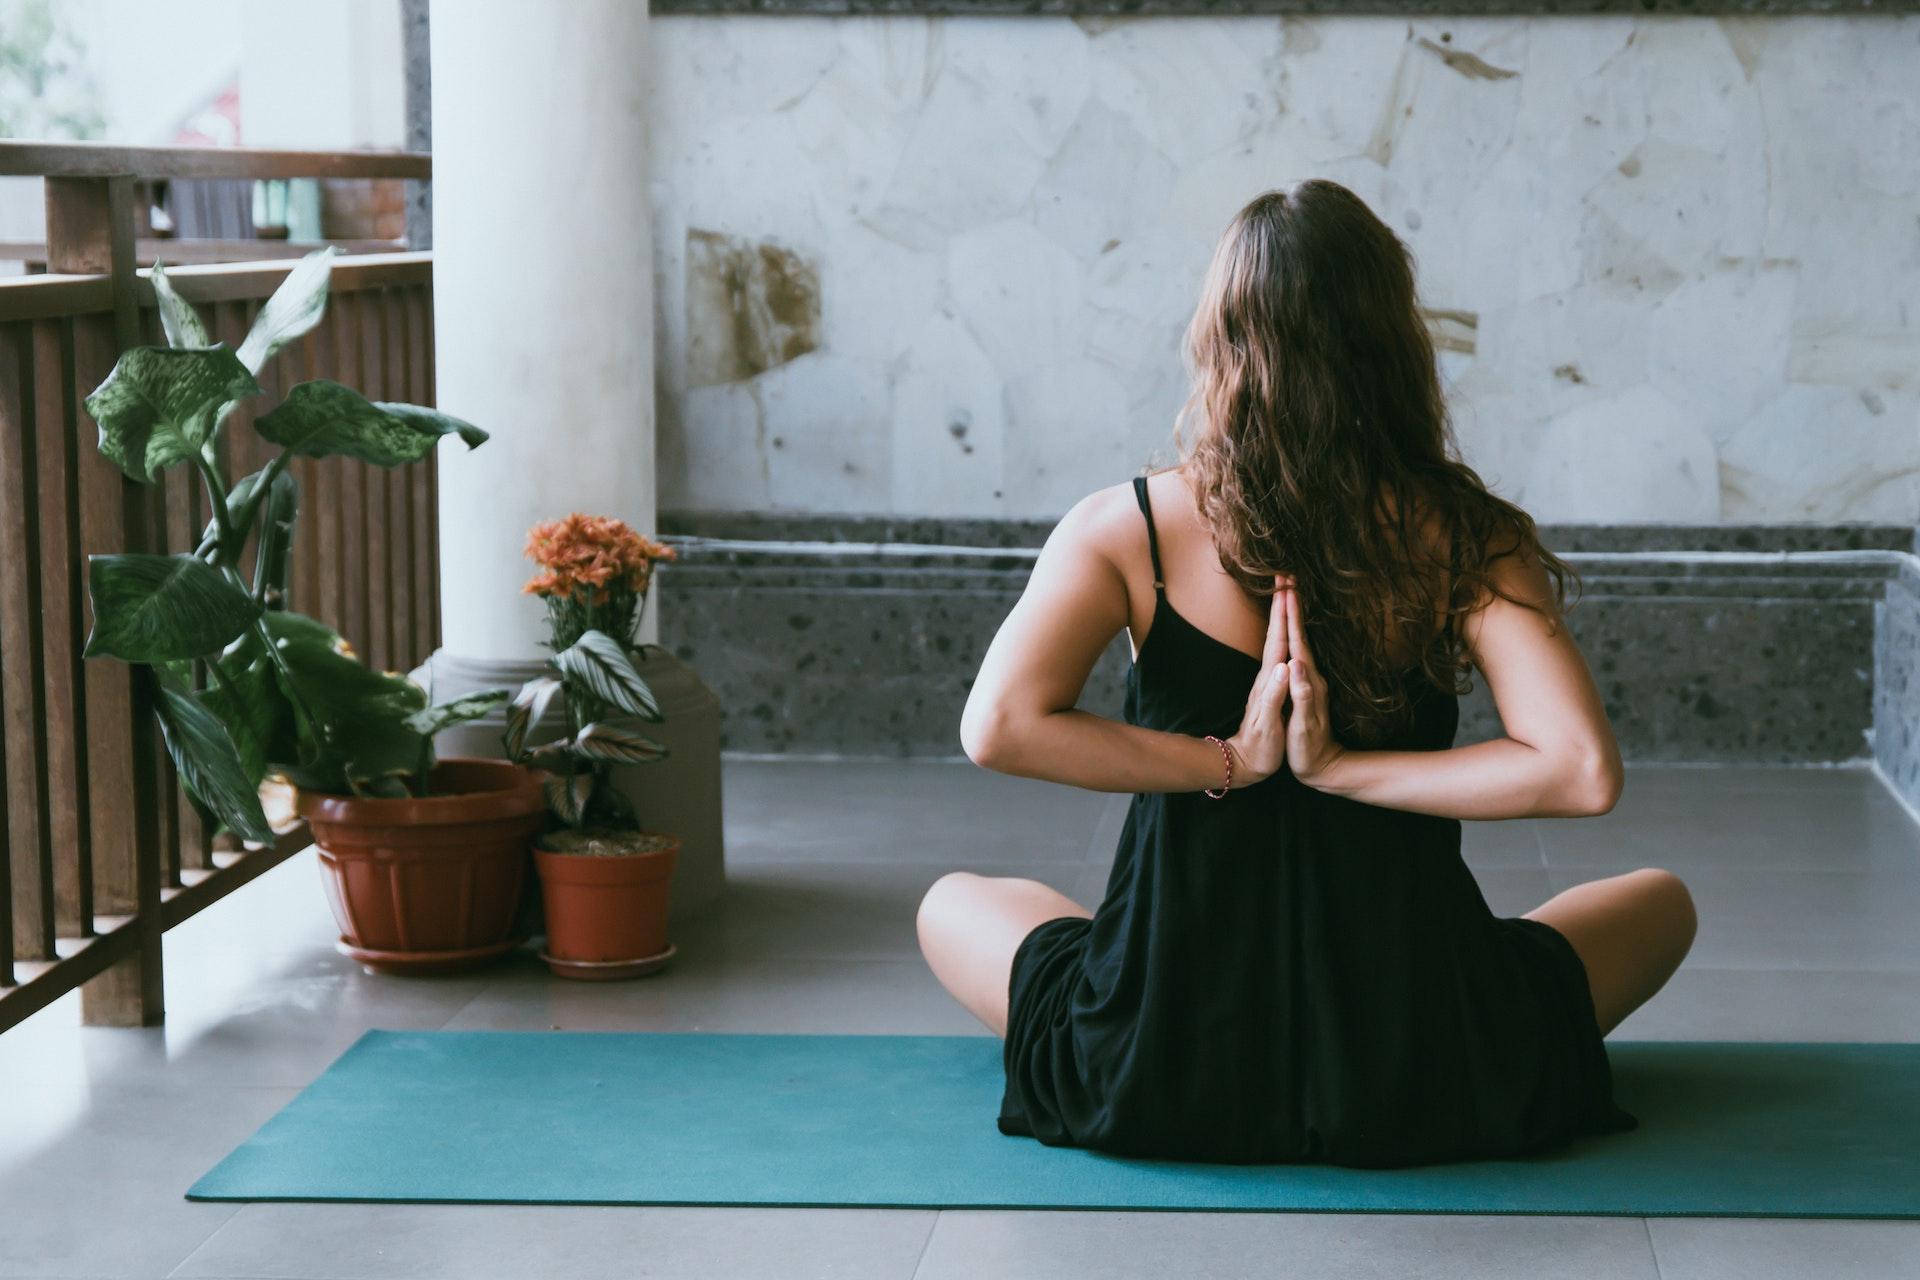 Com puc rentar el mat de ioGa?